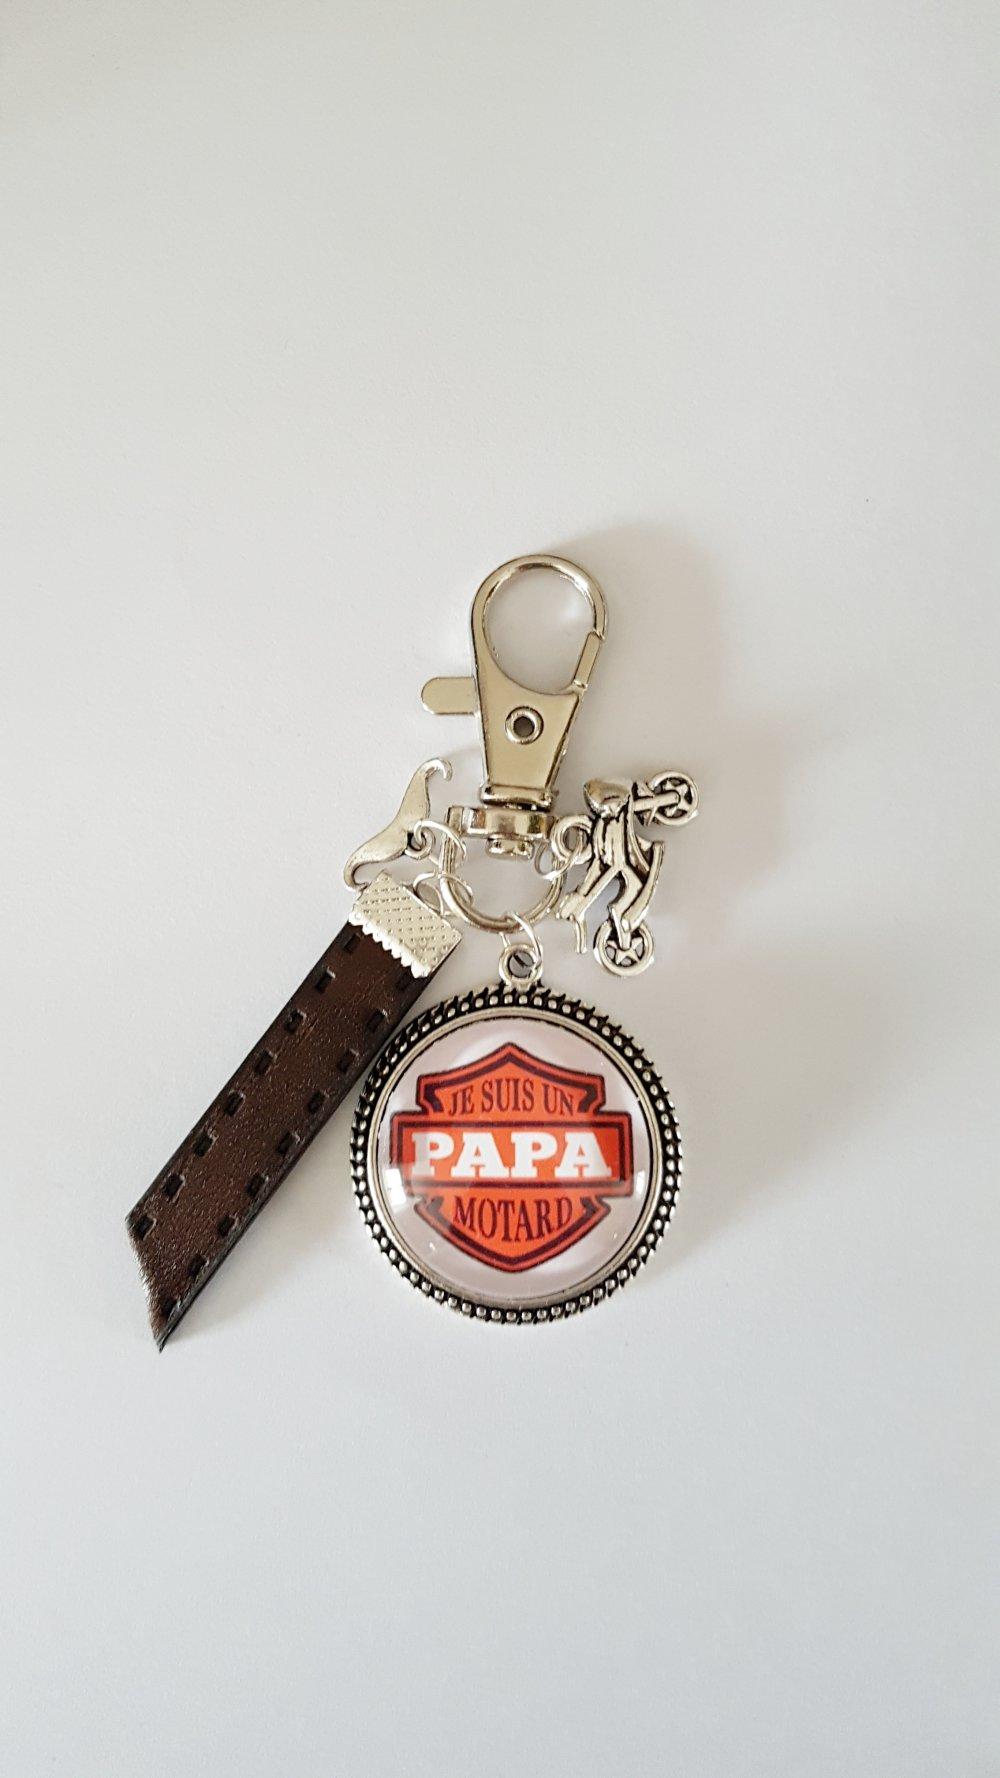 Porte-clef PAPA MOTARD moto cuir idée cadeau papa anniversaire fête des pères